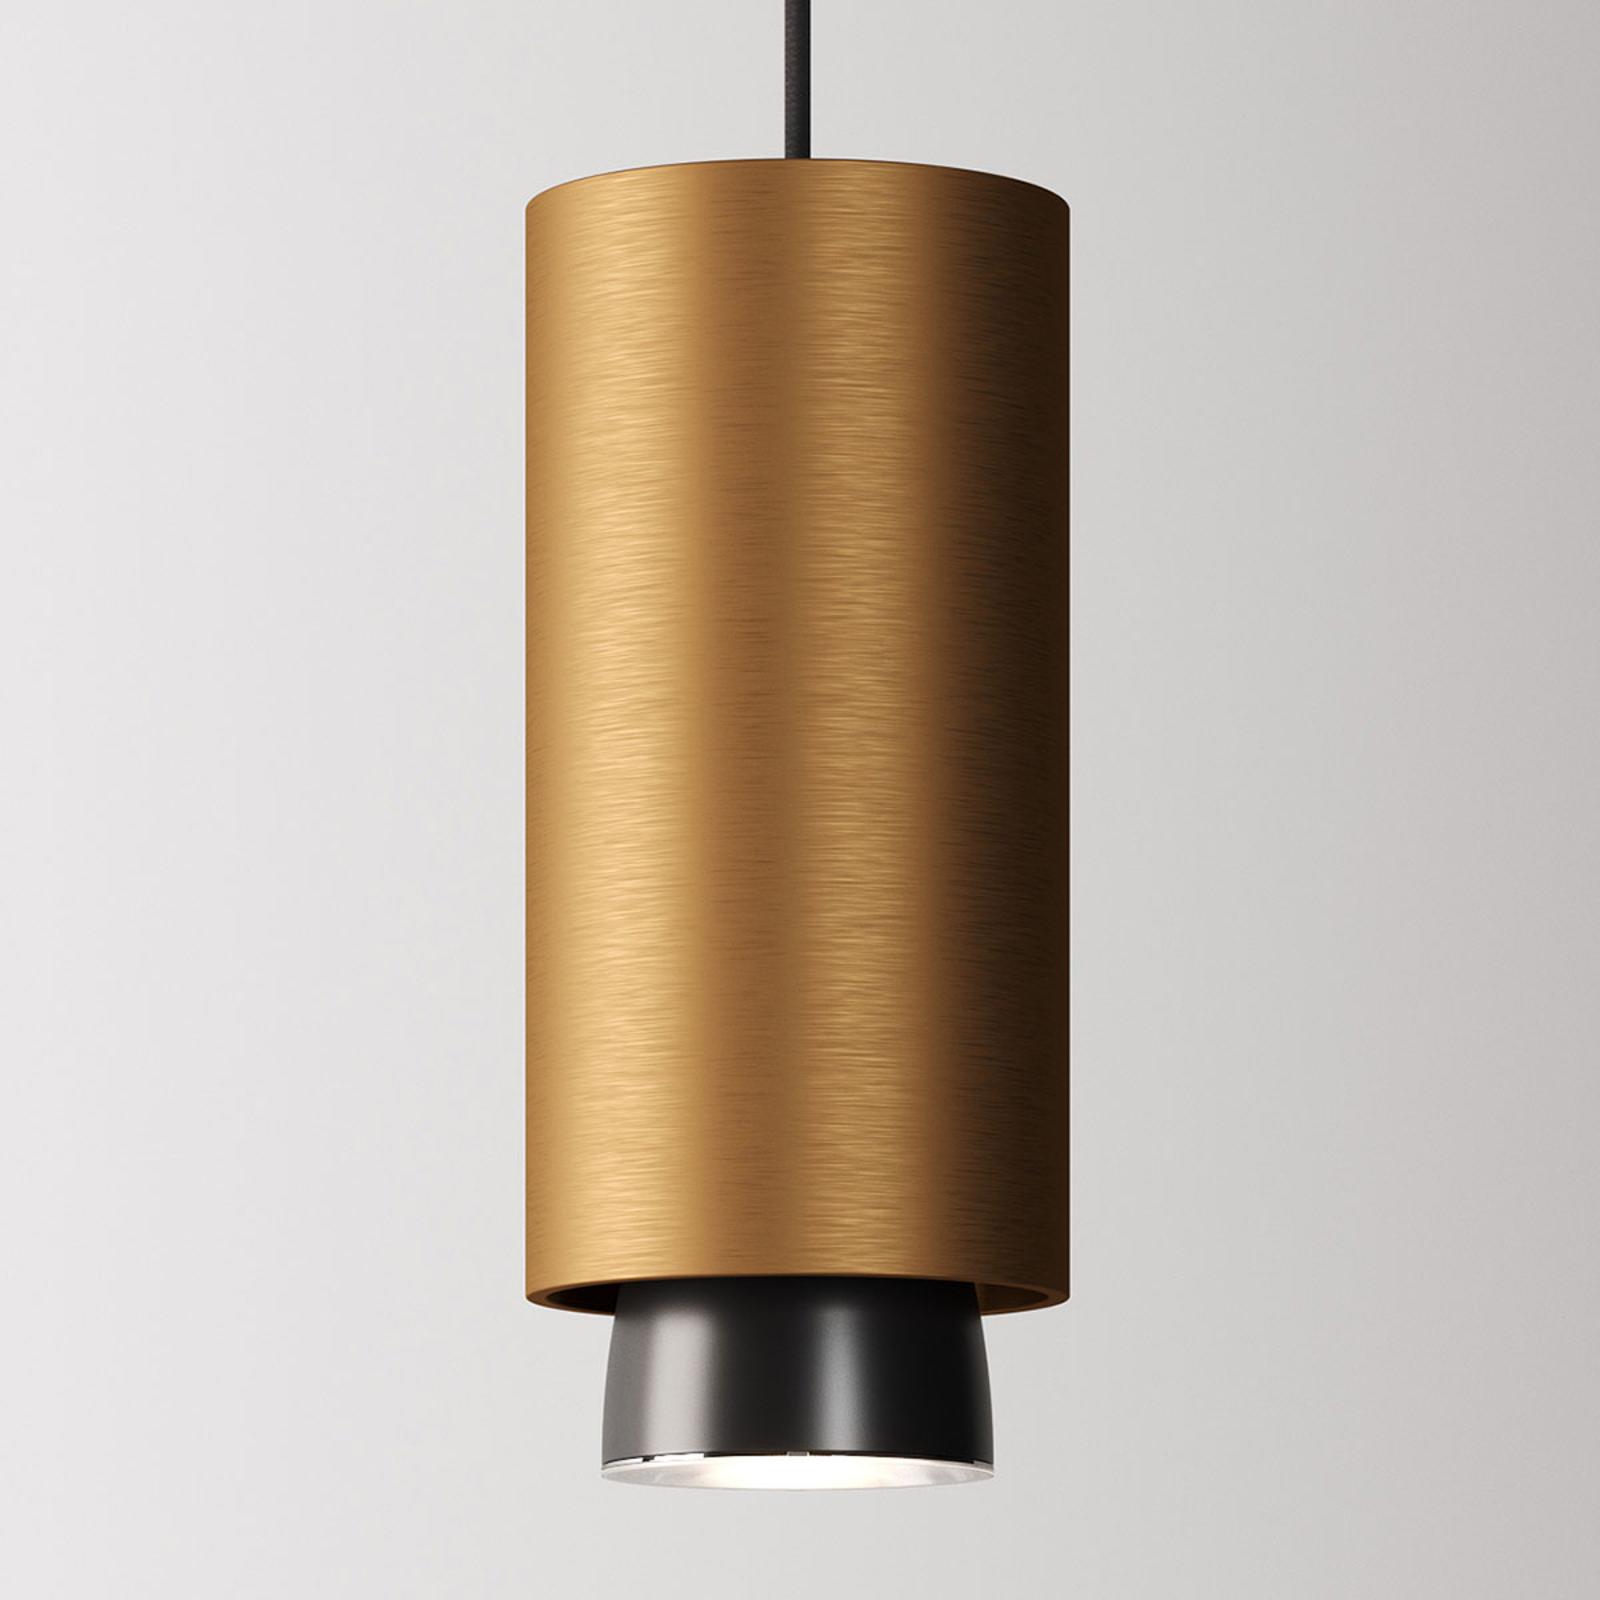 Fabbian Claque LED-Hängeleuchte 20 cm bronze